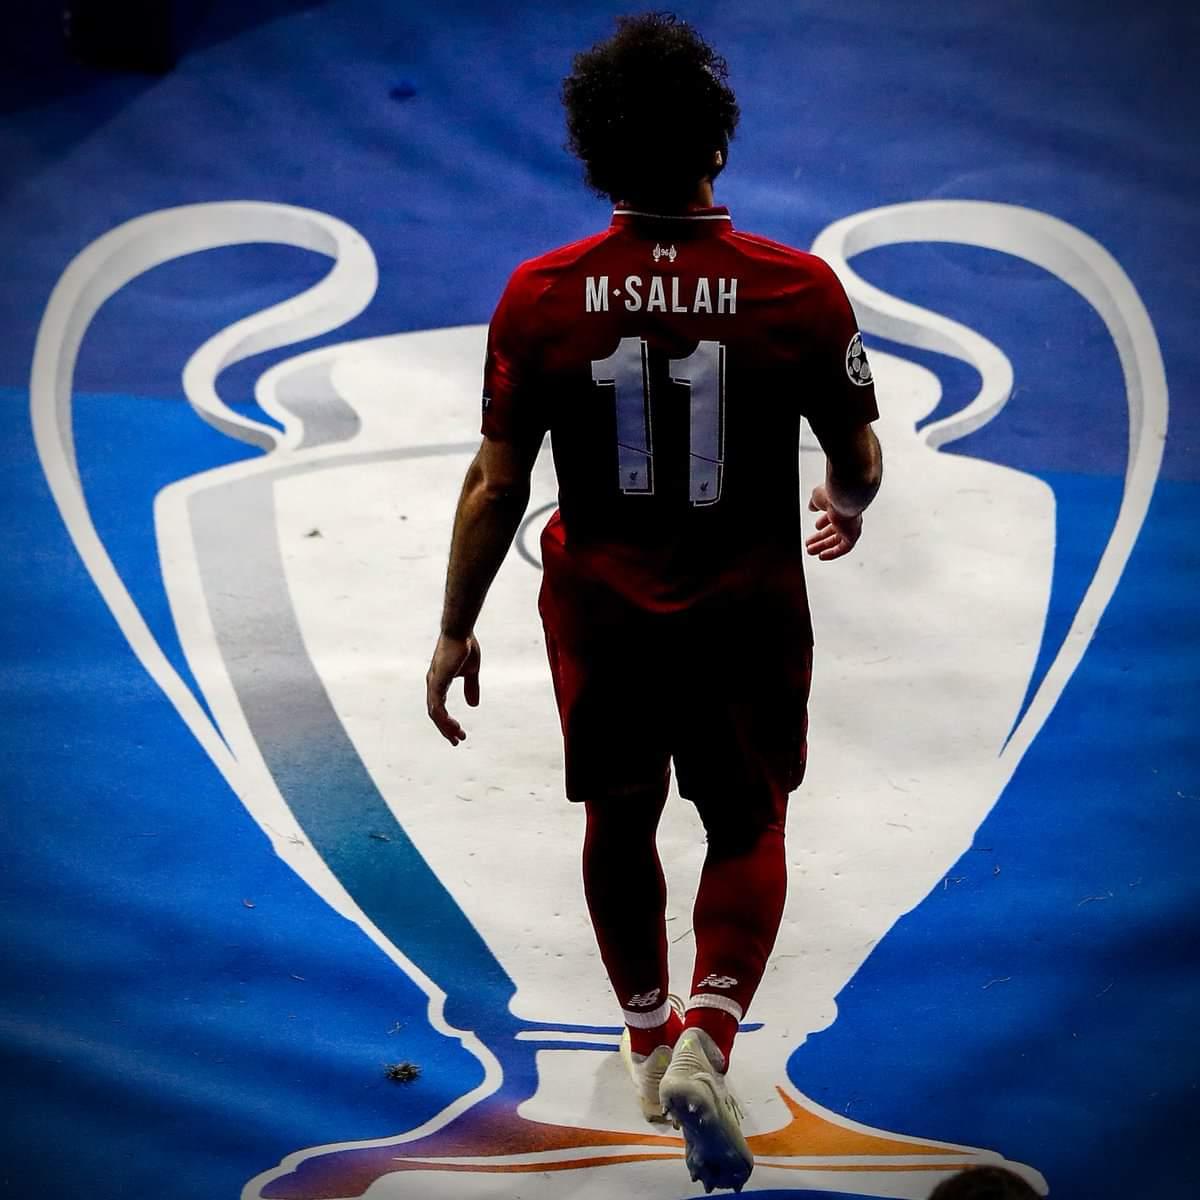 بالصور: محمد صلاح يتوج ليفربول بطلاً لدوري أبطال أوروبا D8A0wQJWsAAcMg0